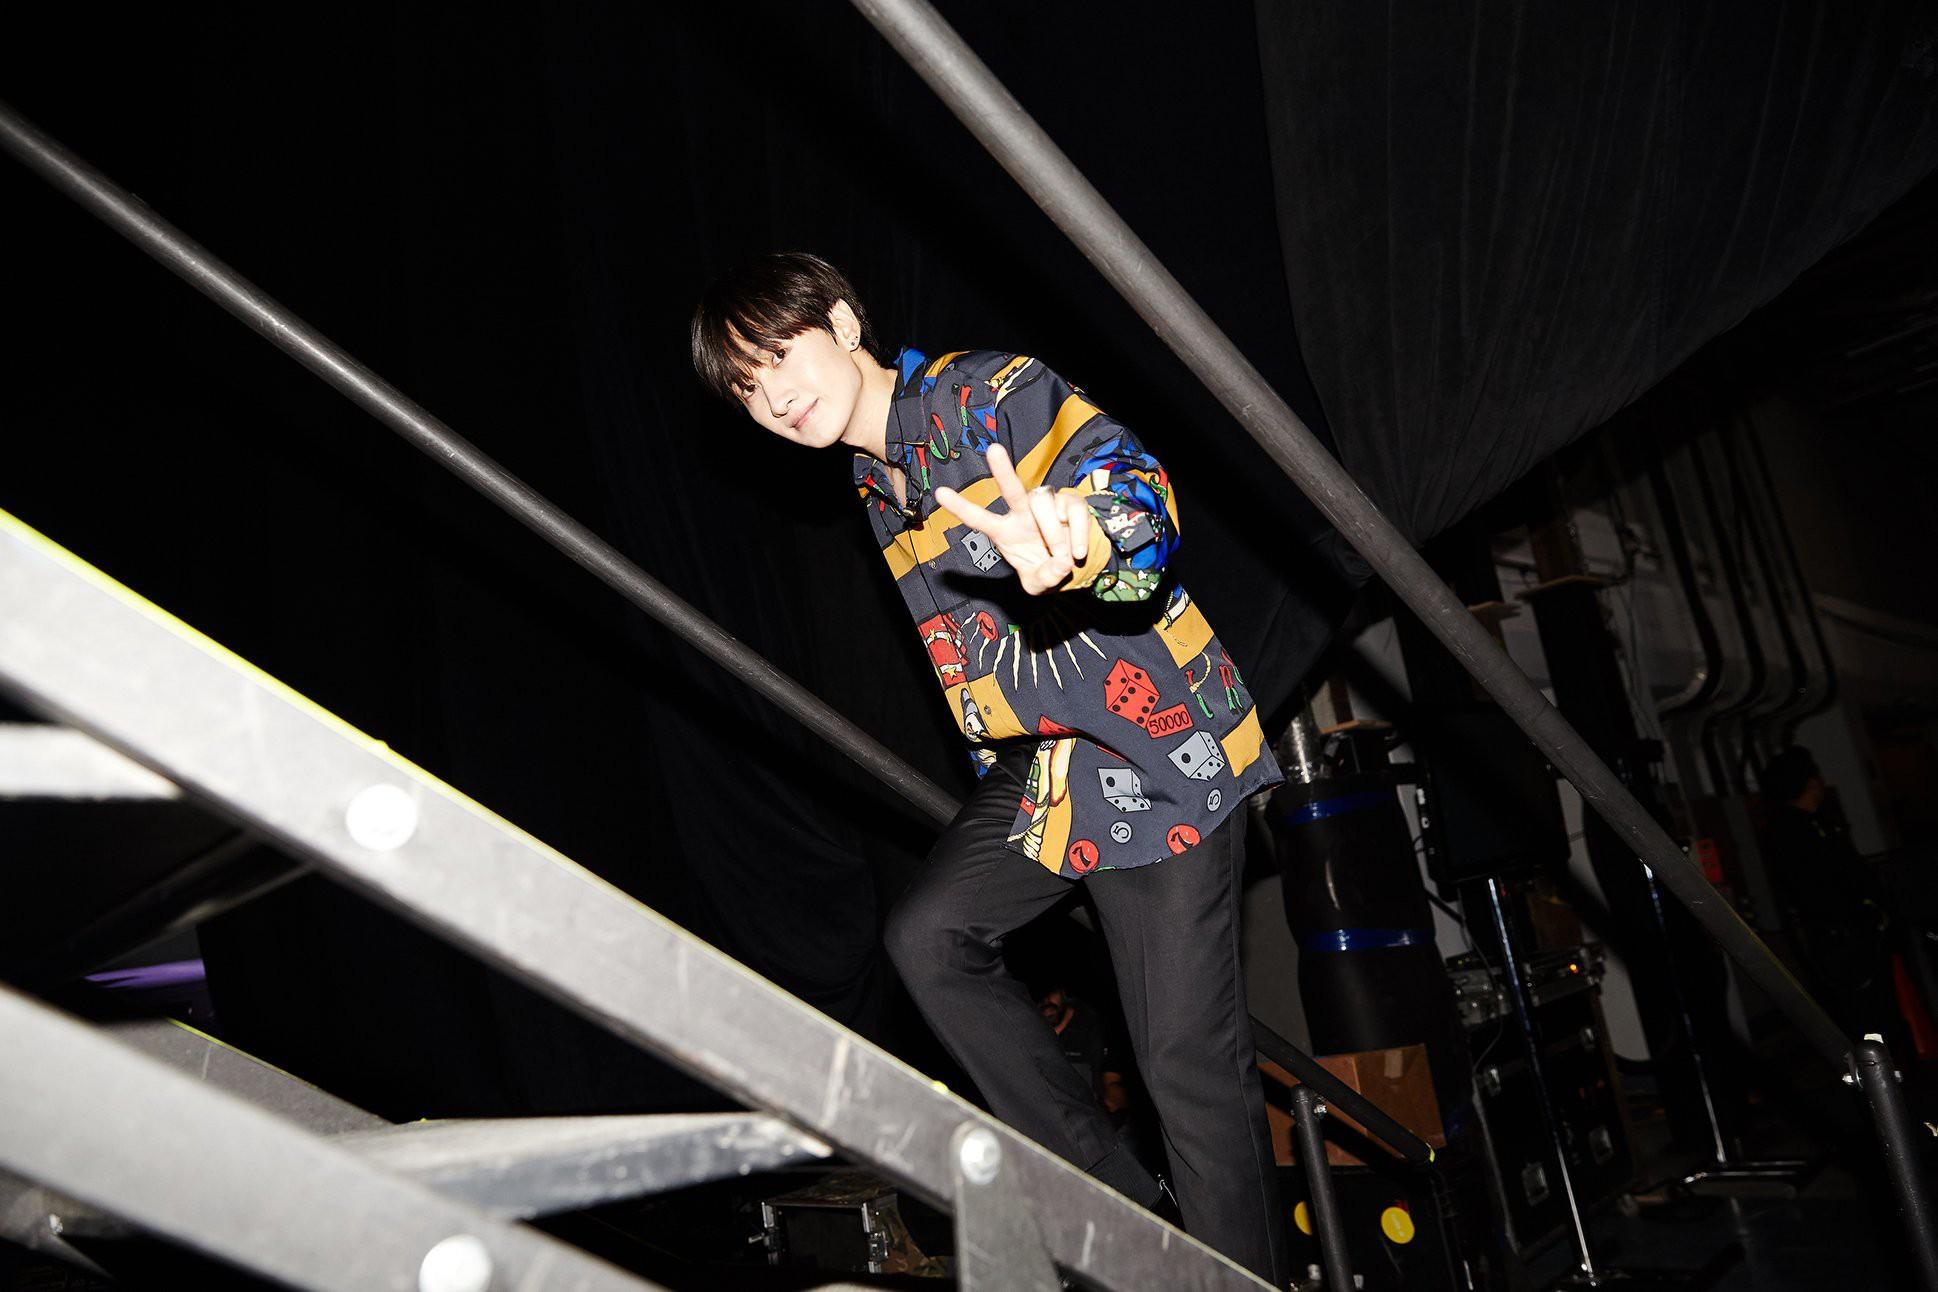 Super Junior cho fan ná thở với loạt ảnh lung linh từ tour thế giới - Ảnh 15.